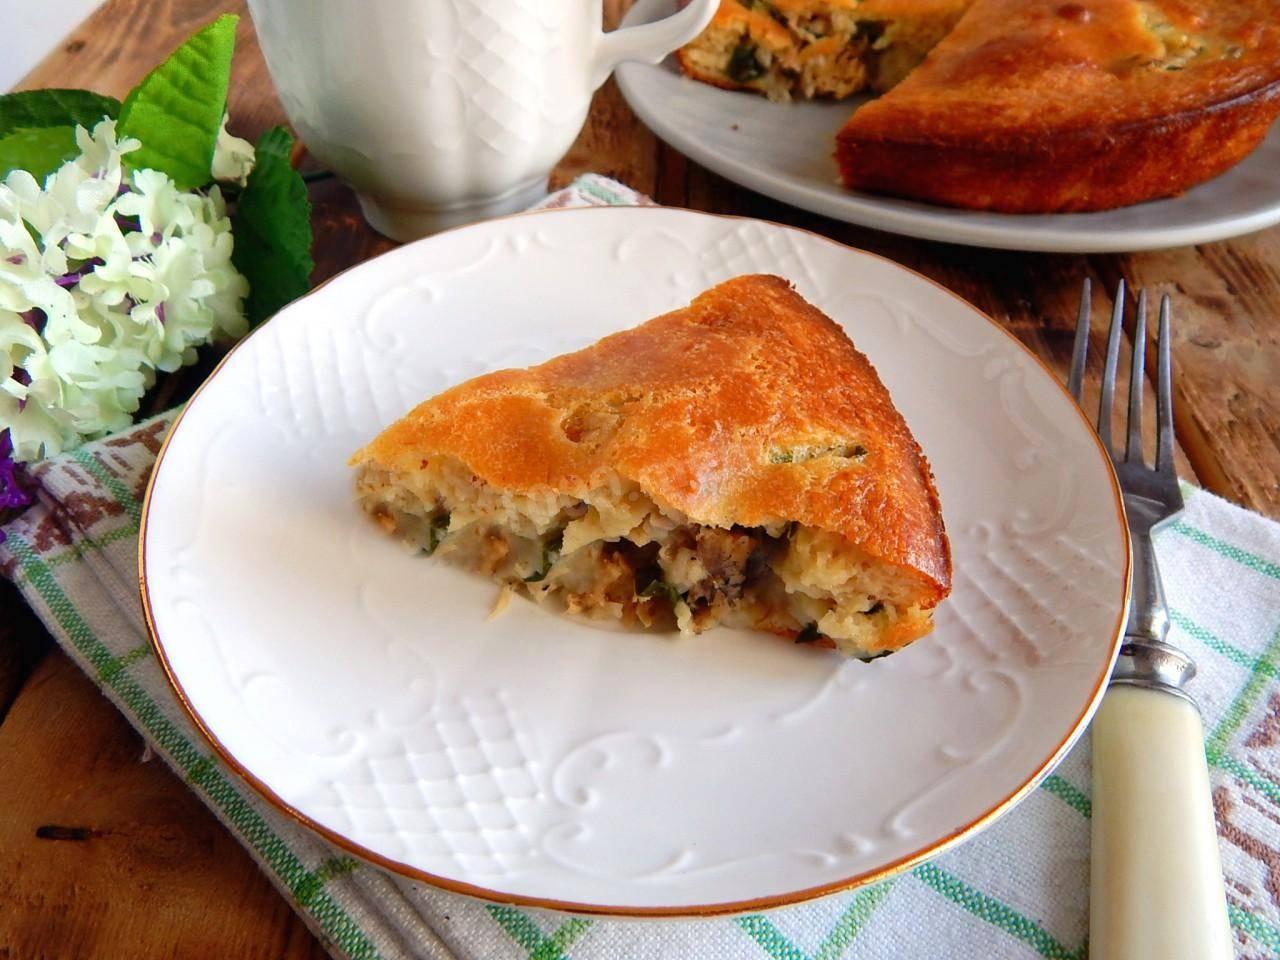 Пирог с рыбой (более 100 рецептов с фото) - рецепты с фотографиями на поварёнок.ру